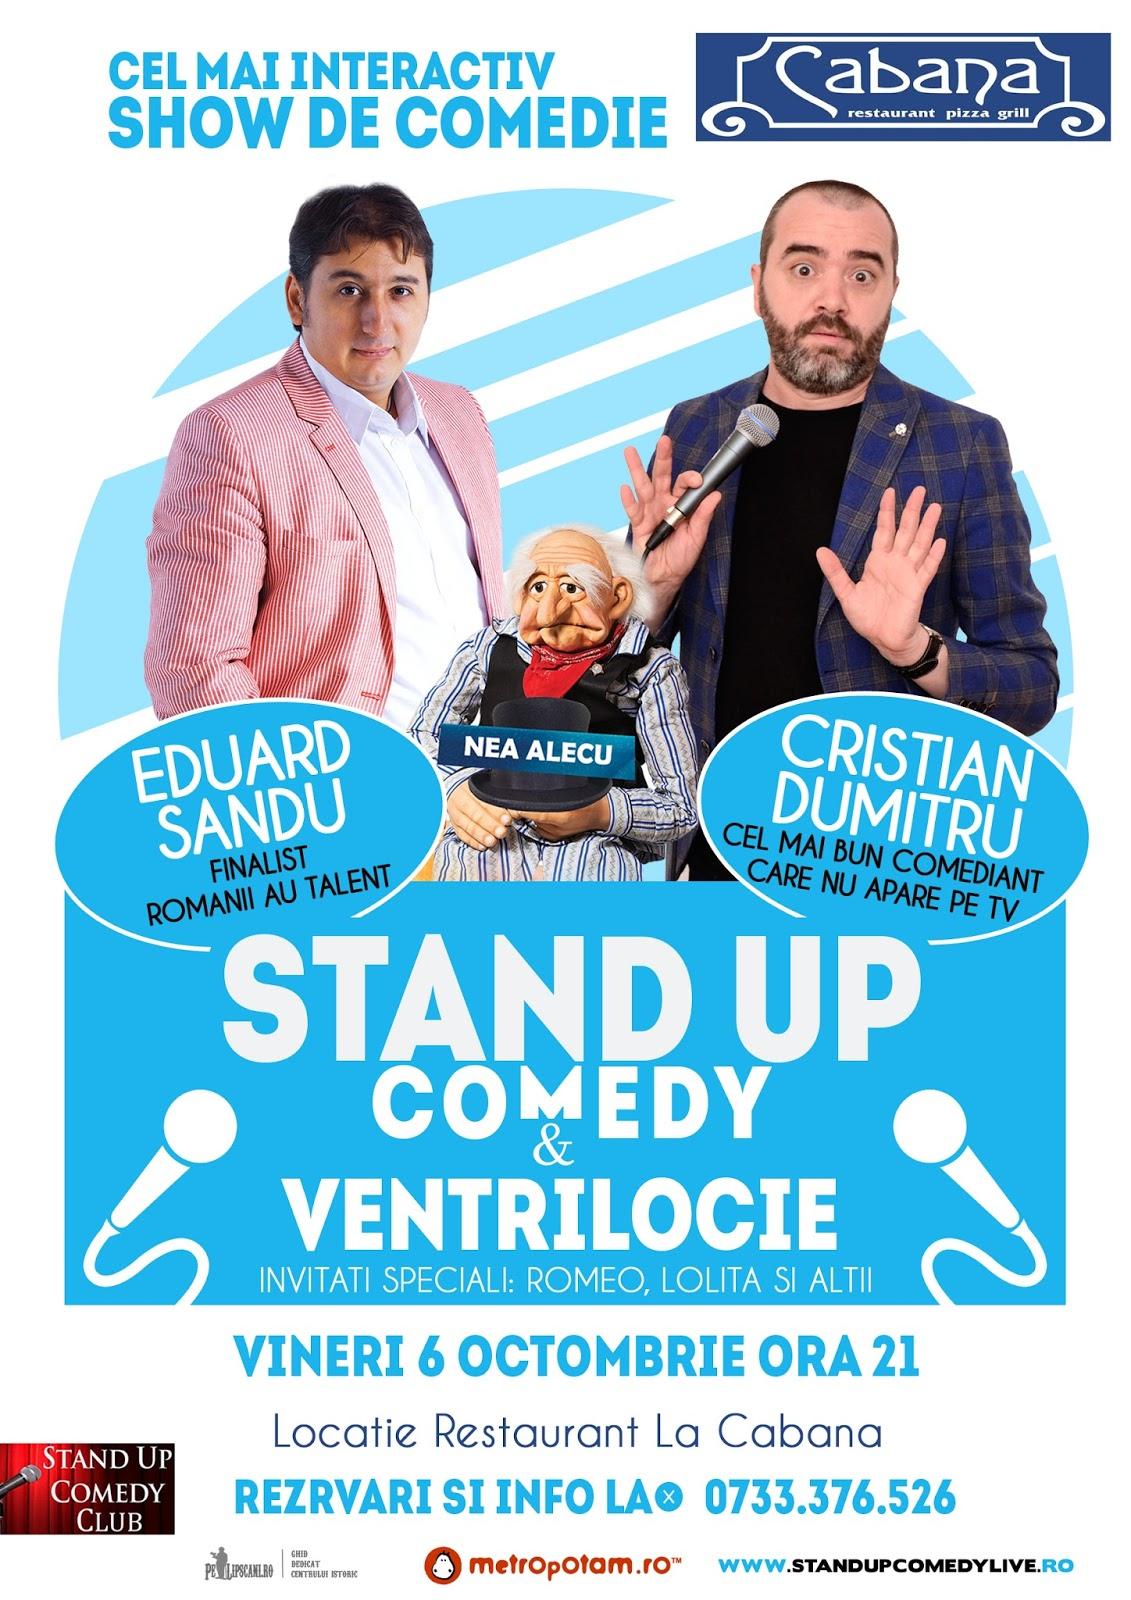 Stand-Up Comedy & Ventrilocie Vineri 6 Octombrie Bucuresti